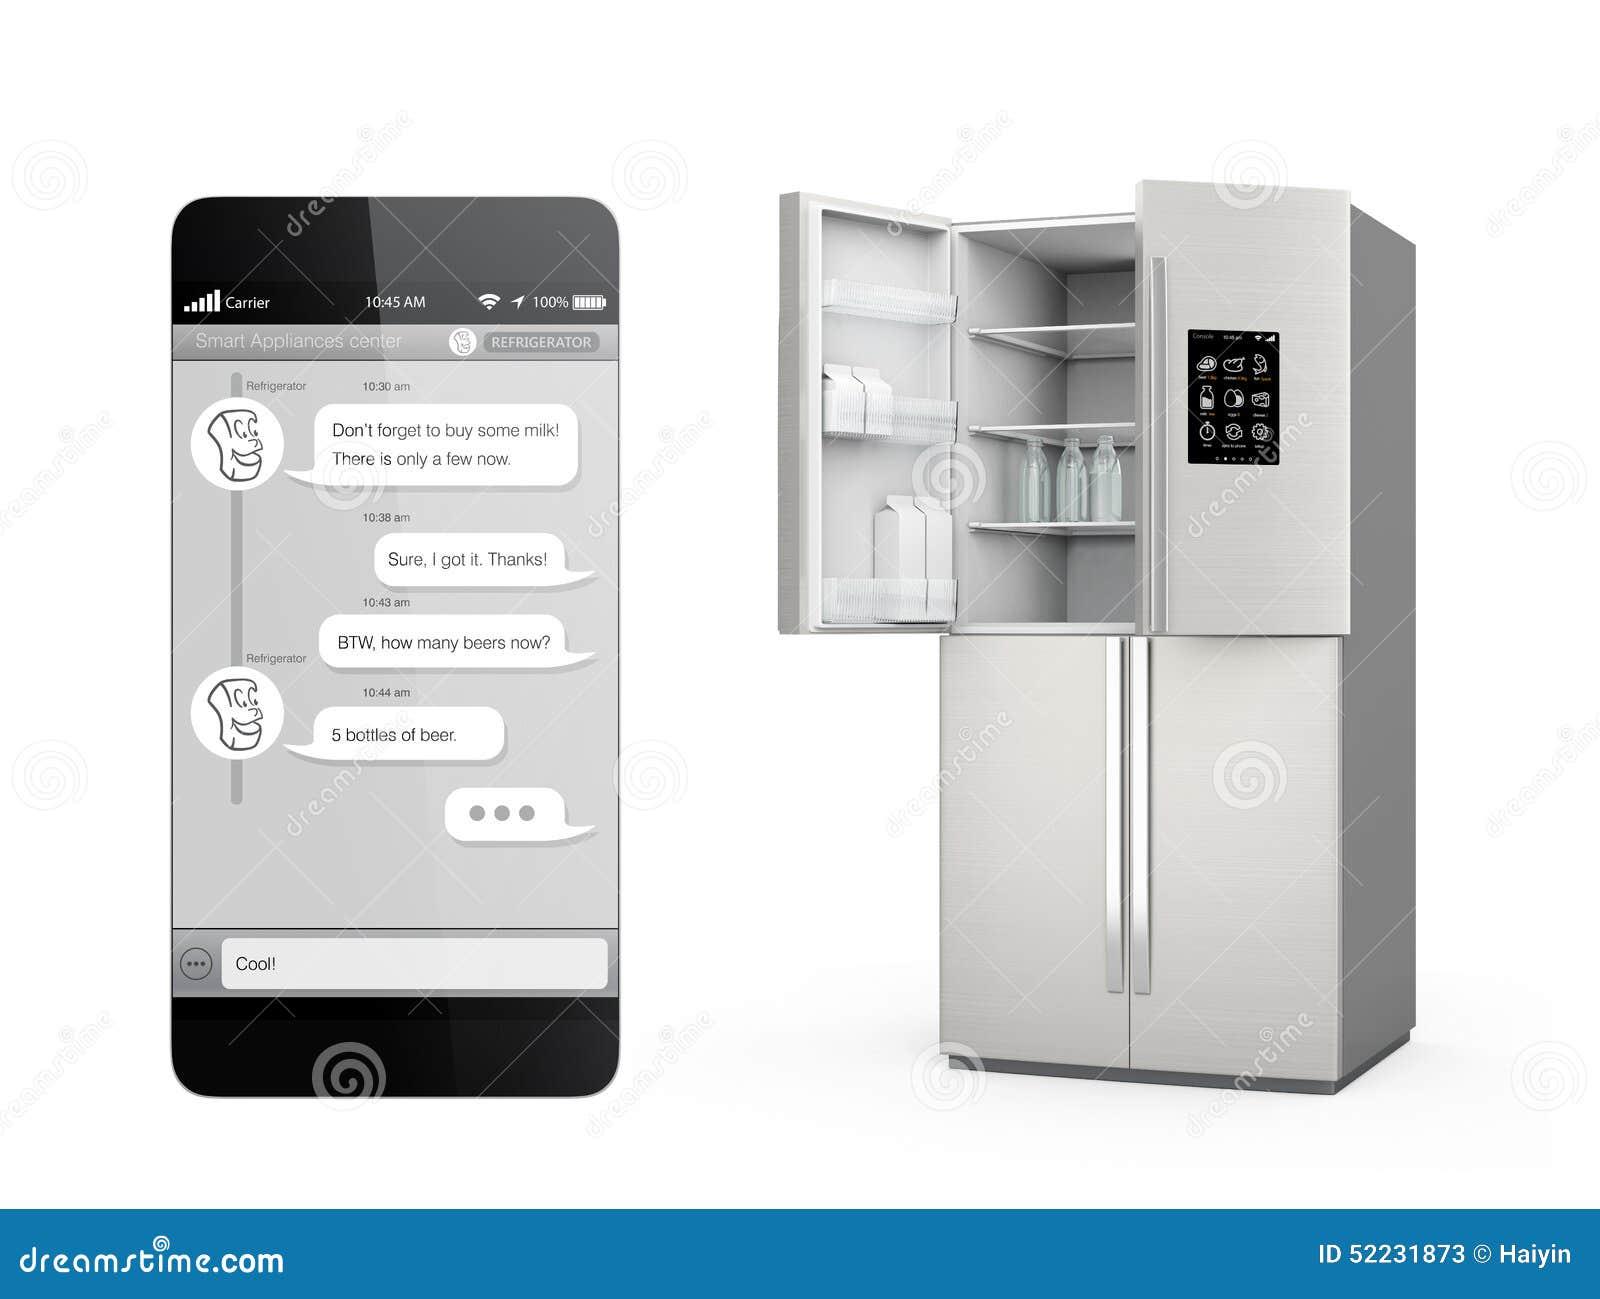 Kühlschrank Verriegeln : Intelligenter kühlschrank mit lcd bildschirm für die Überwachung